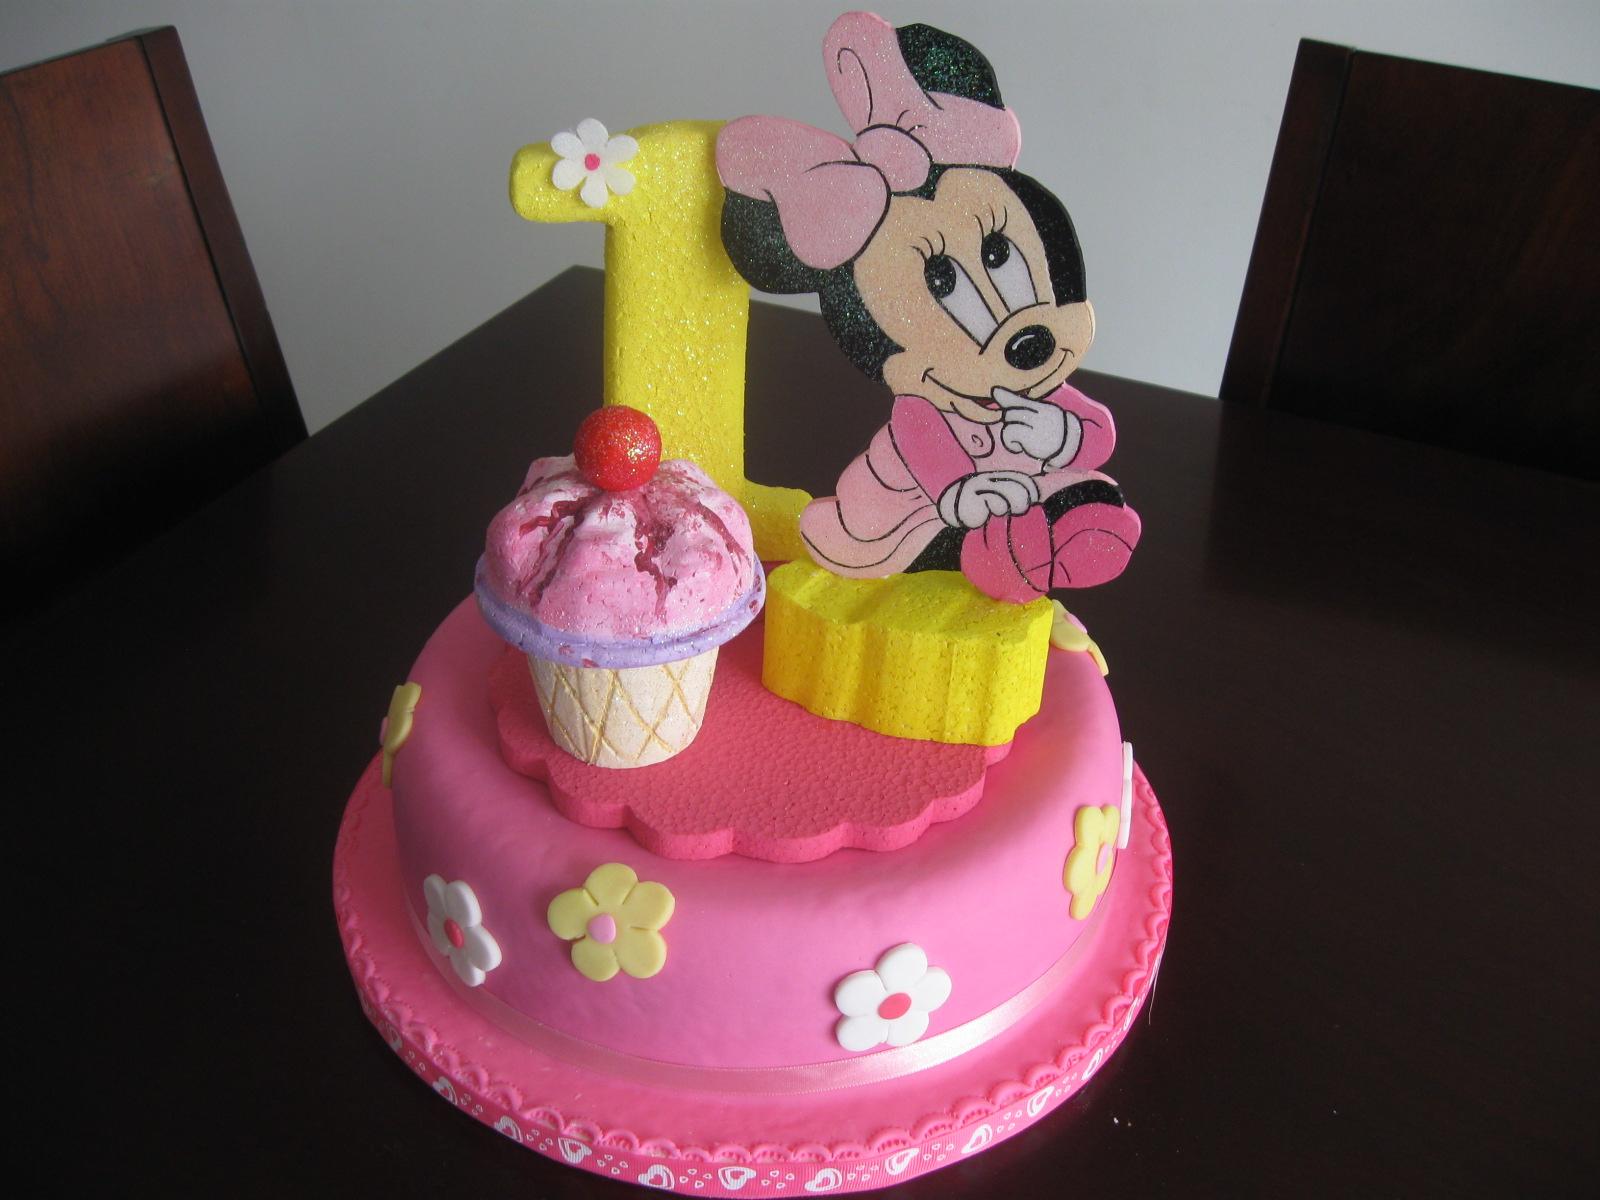 Delicake Tortas y Postres: Torta infantil en pastillaje de Minnie bebe